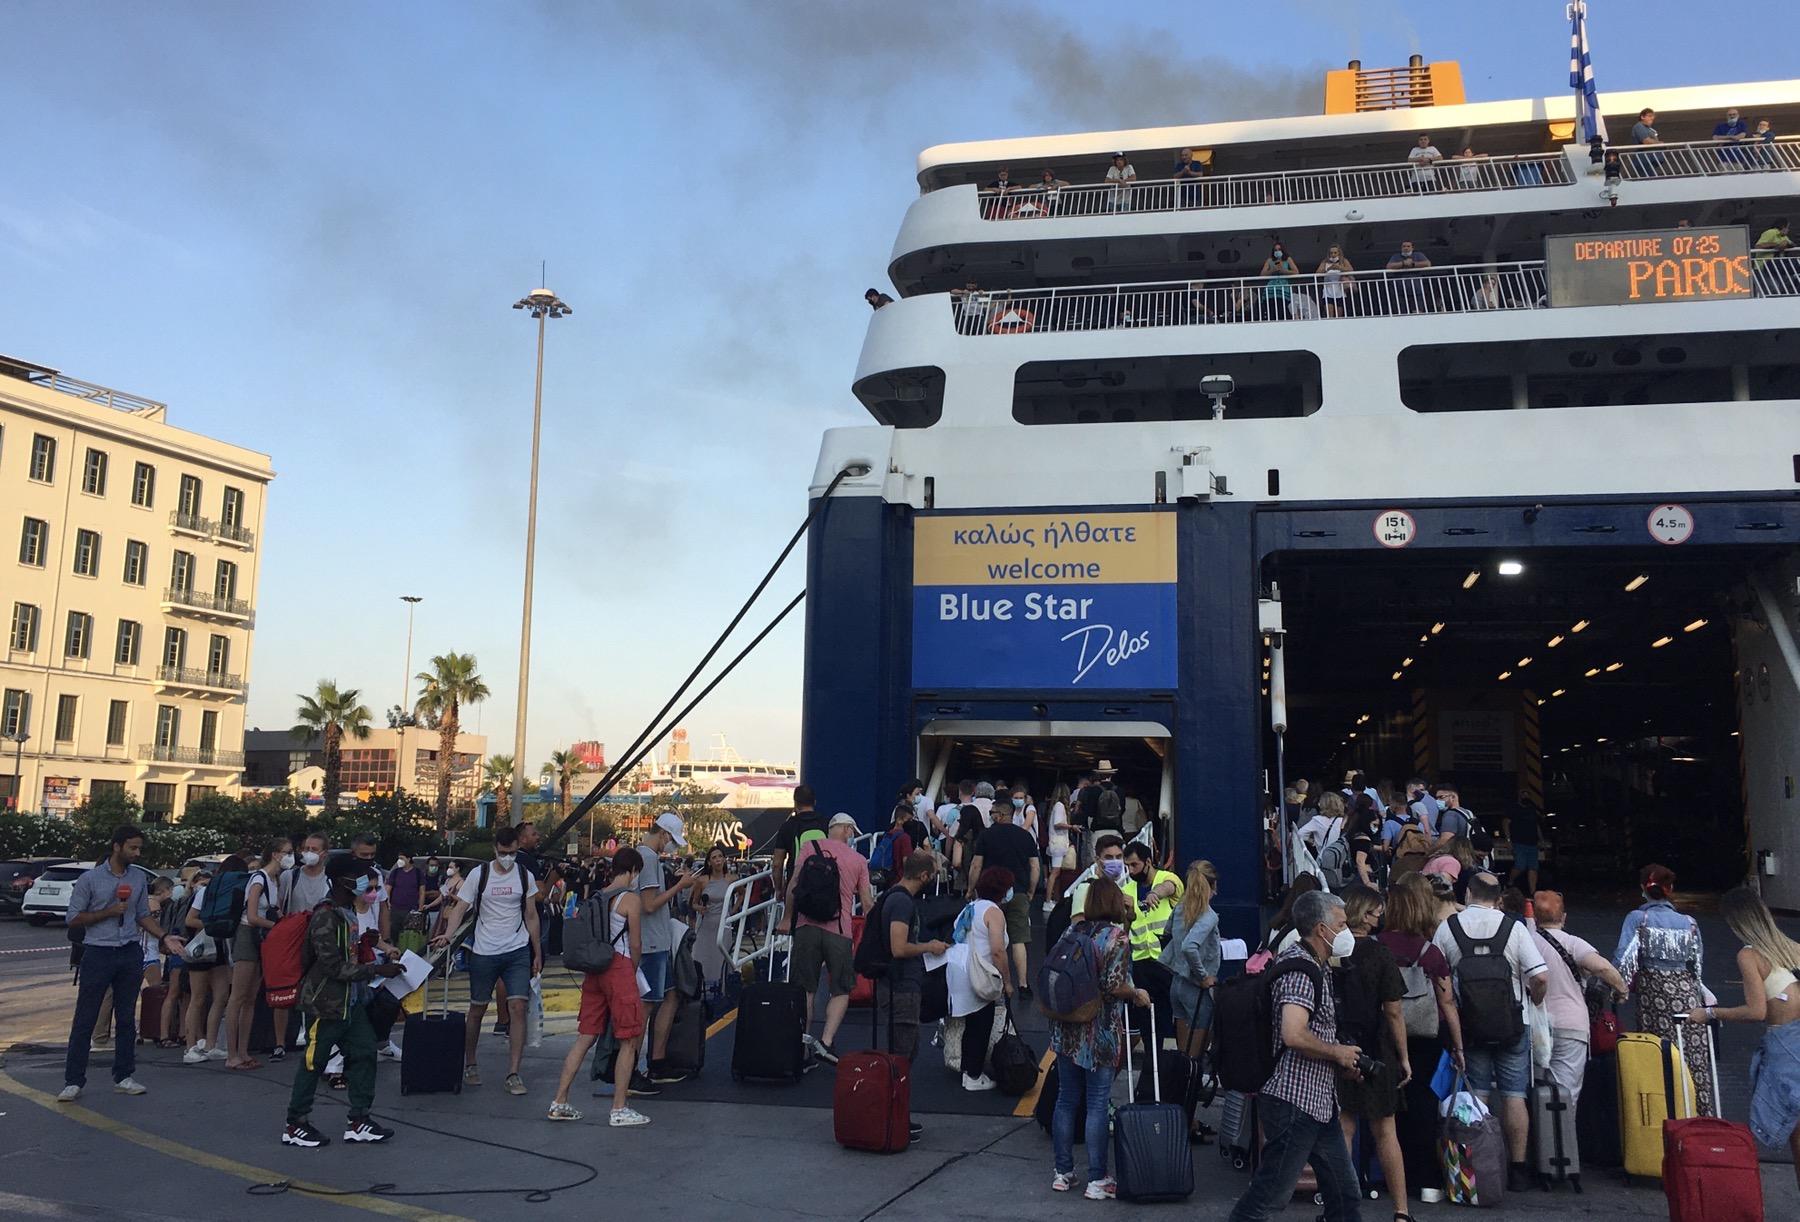 Νέα μέτρα: Πόσοι από τους 1.800 ταξιδιώτες για Κυκλάδες δεν πέρασαν τον καταπέλτη του πλοίου